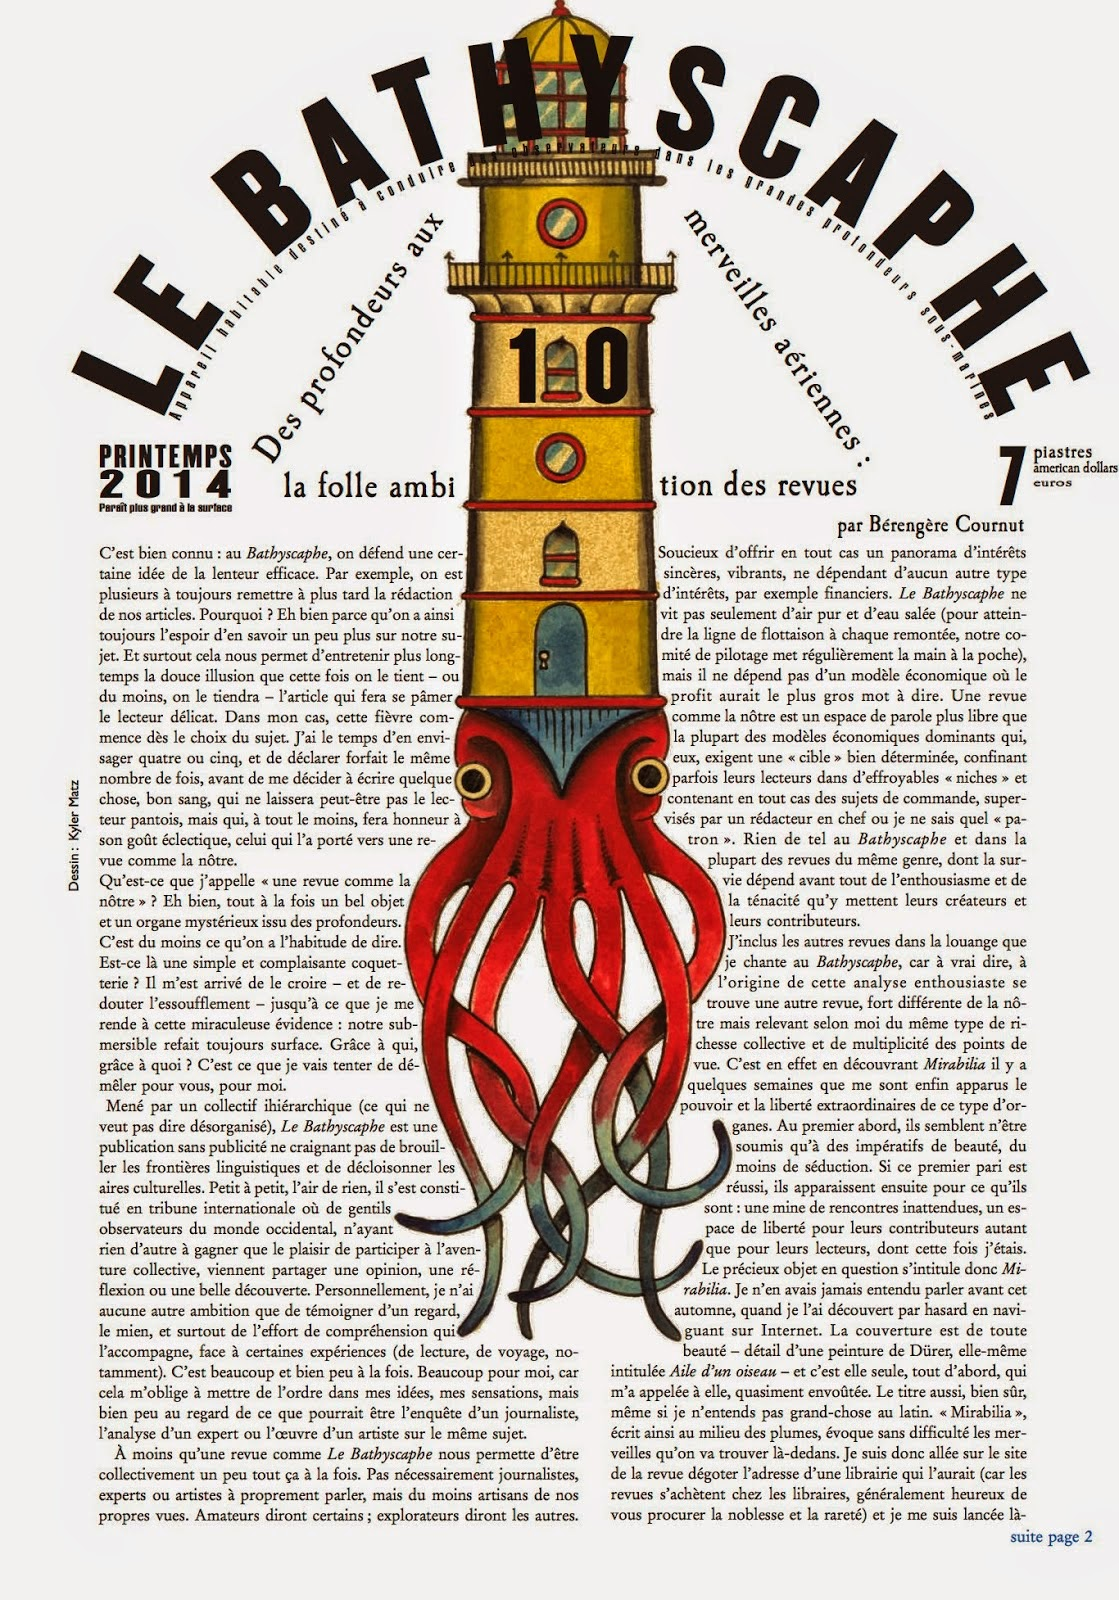 LE BATHYSCAPHE N°10, EDITIONS SELS MAITRES A BORD/OIE DE CRAVAN